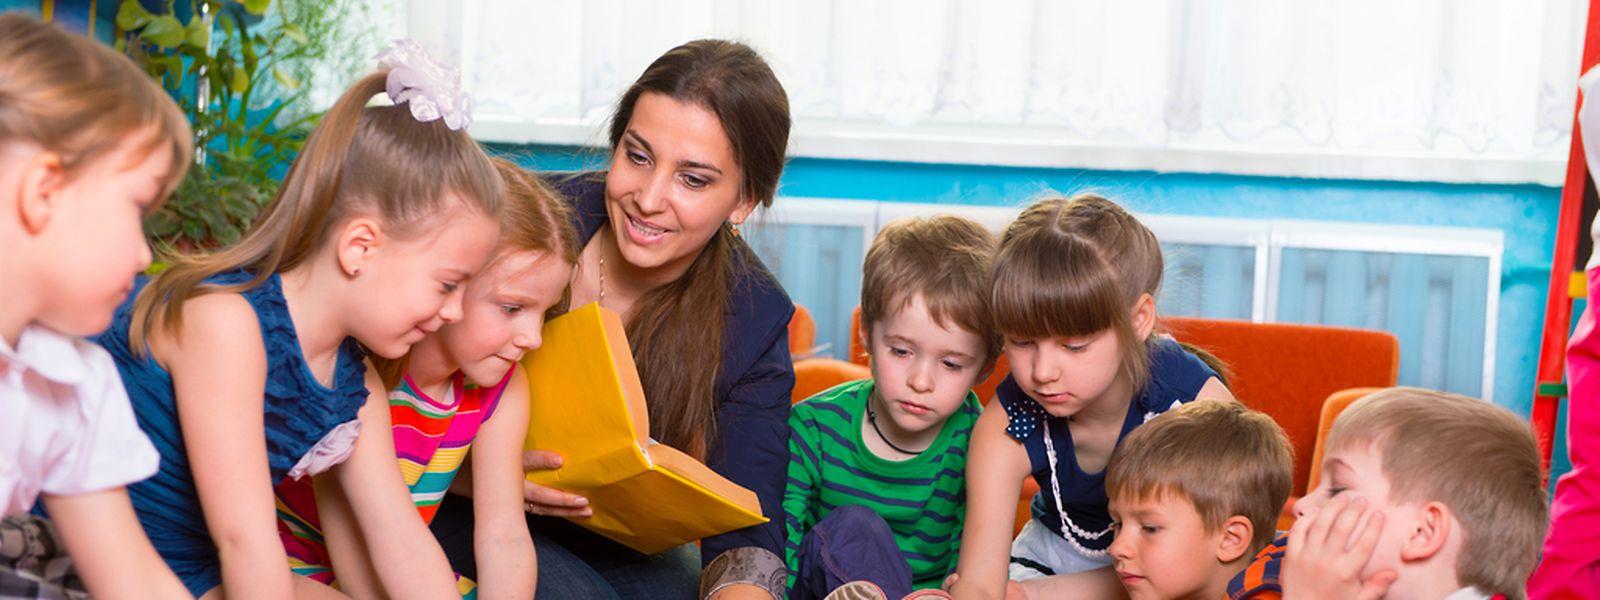 Sozialpädagogen mit Berufserfahrung ziehen nach Inkrafttreten des Gehälterabkommens im öffentlichen Dienst gegenüber künftigen Kollegen den Kürzeren.